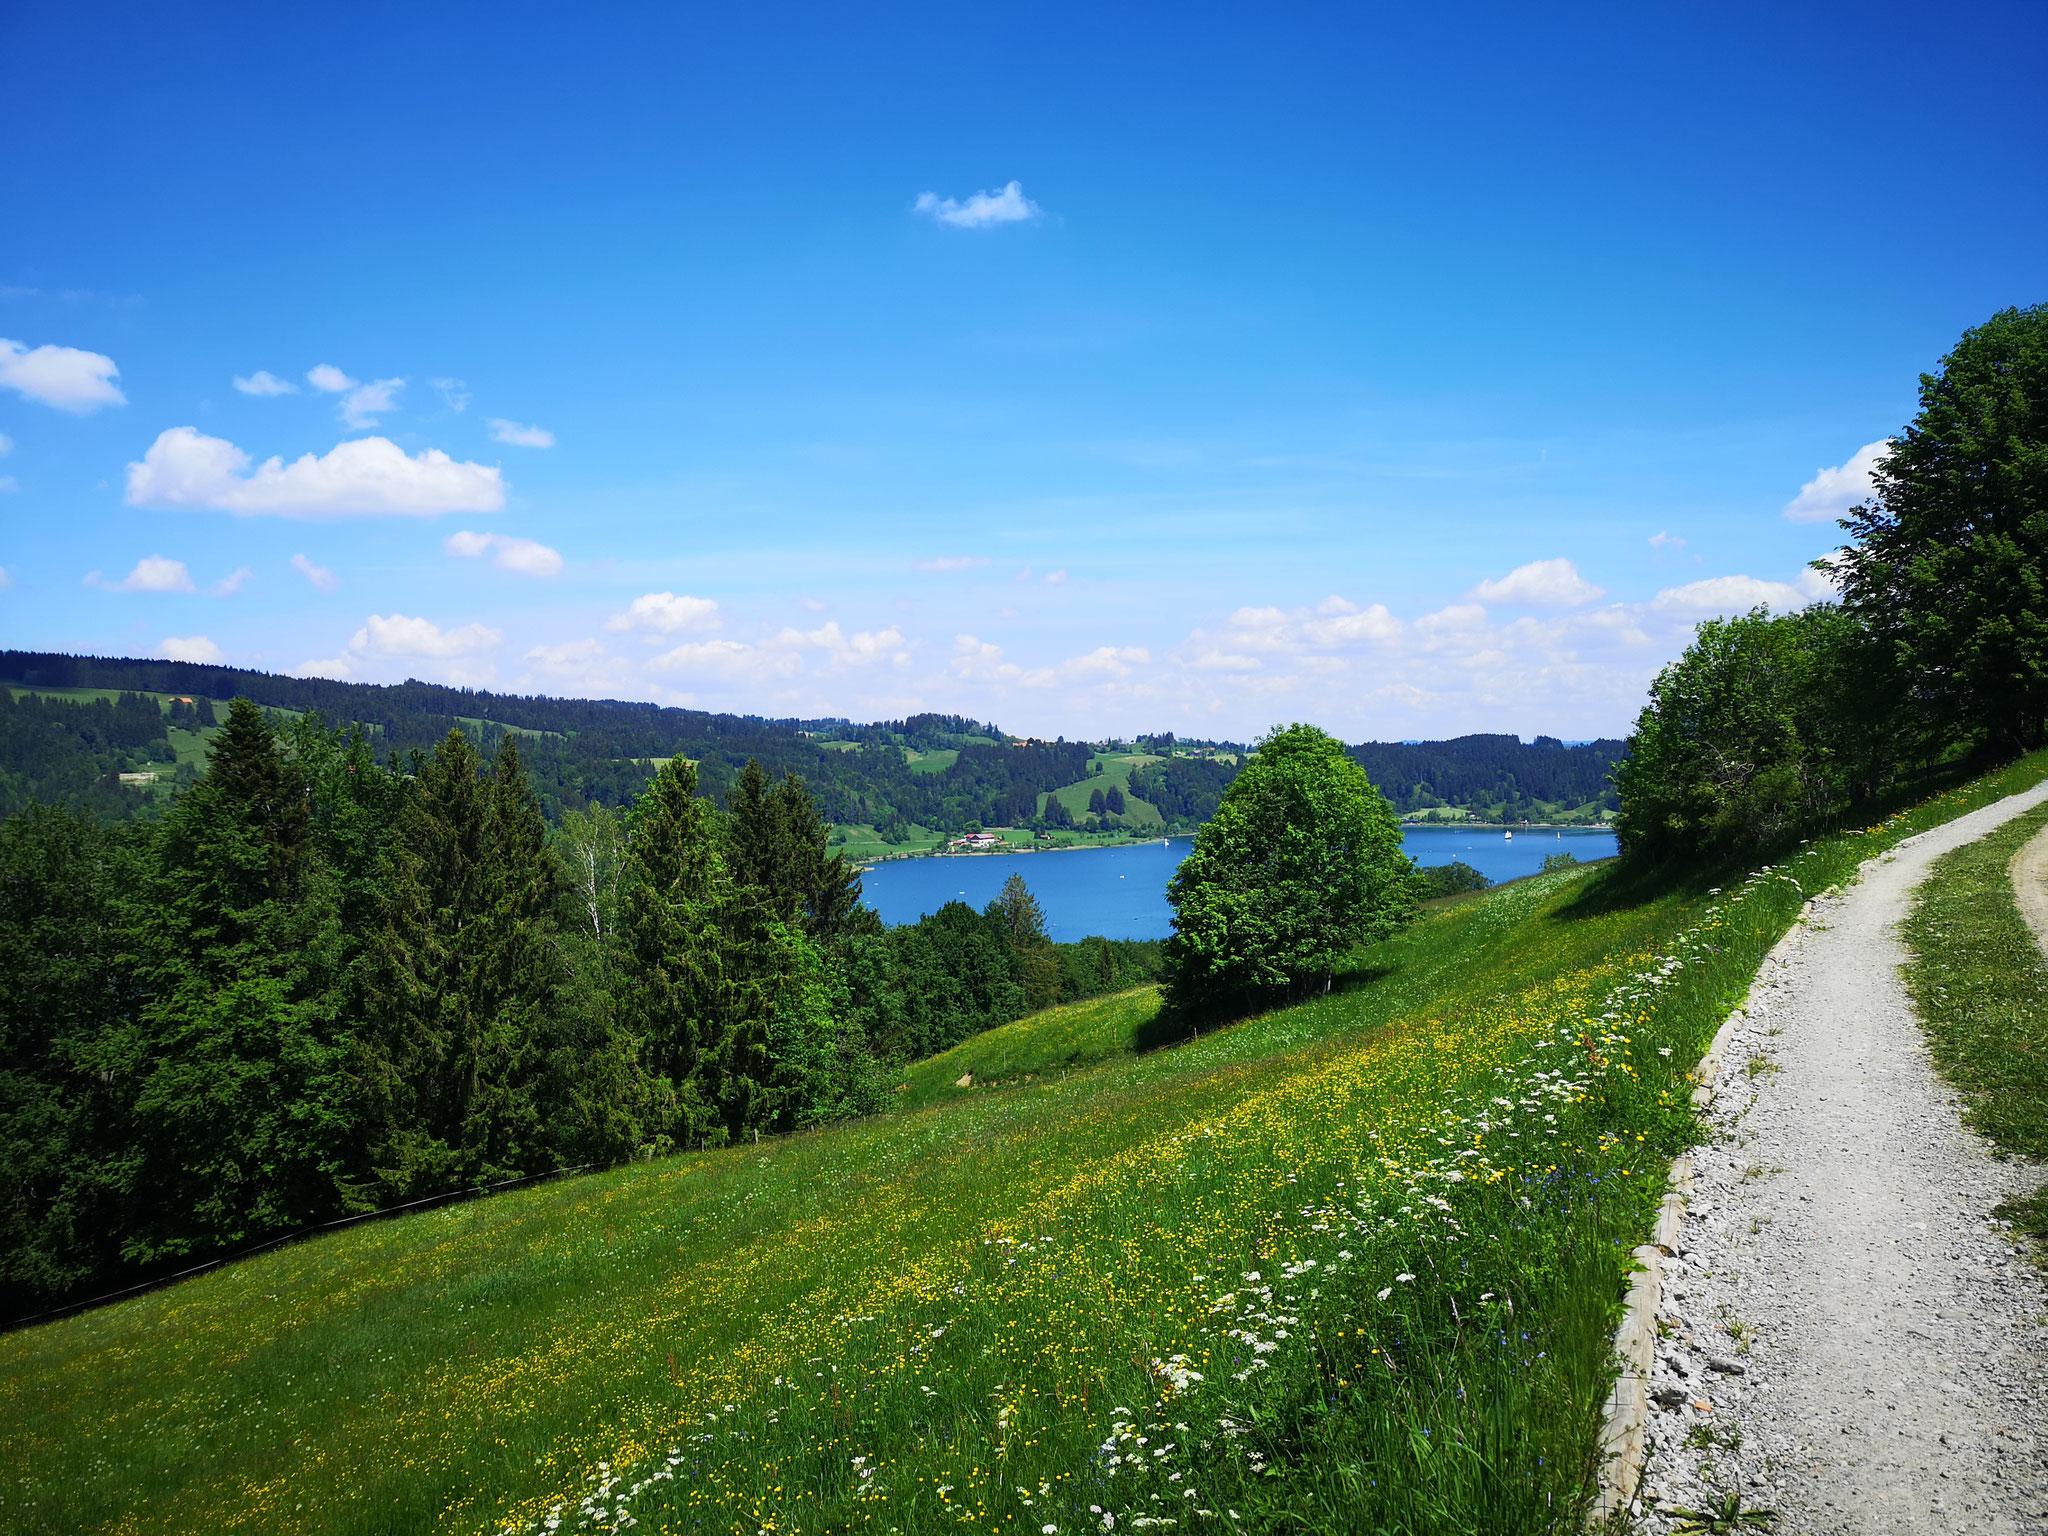 Alpsee bei Immenstadt